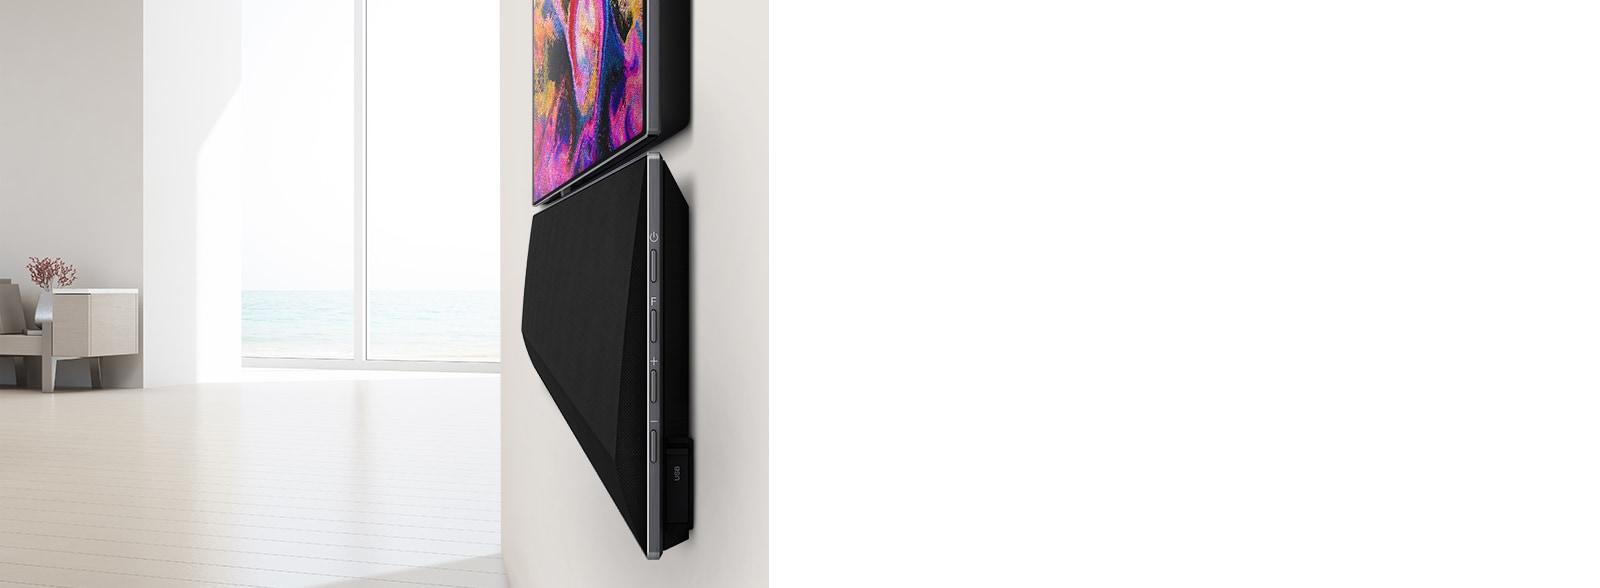 Od blizu stenski televizor in LG Soundbar.  Na TV zaslonu so prikazane različne rožnate barve.